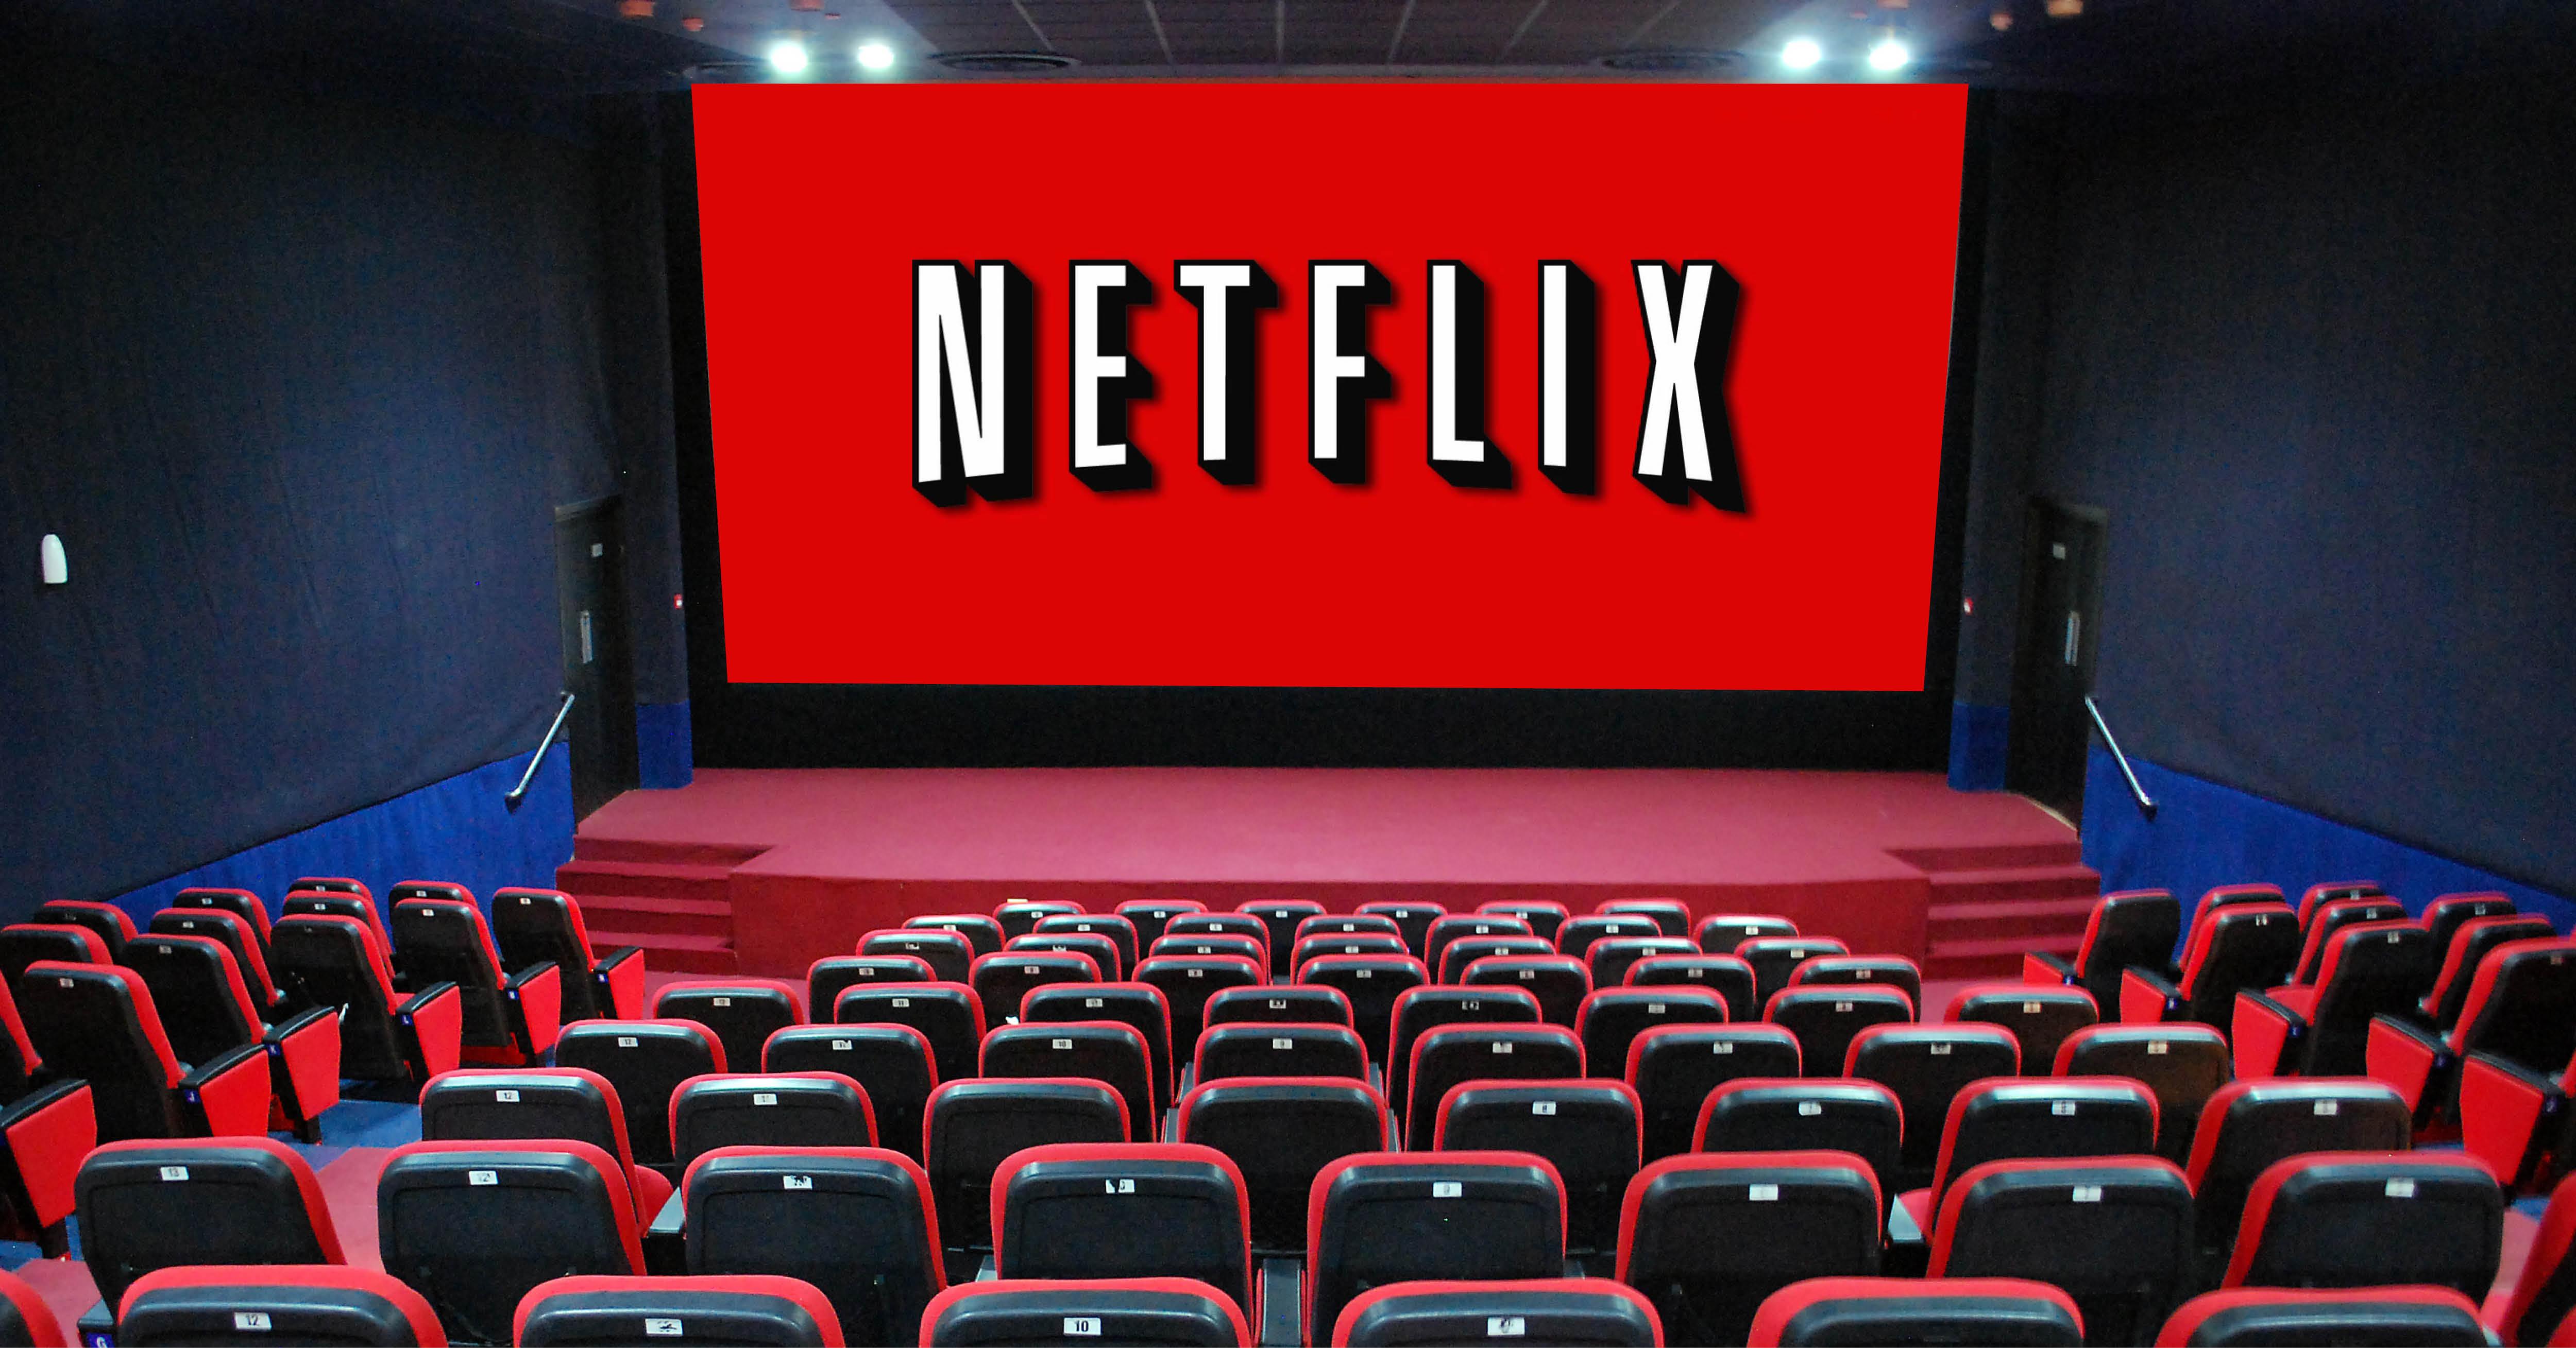 Hetflix – фильмы и сериалы netflix бесплатно